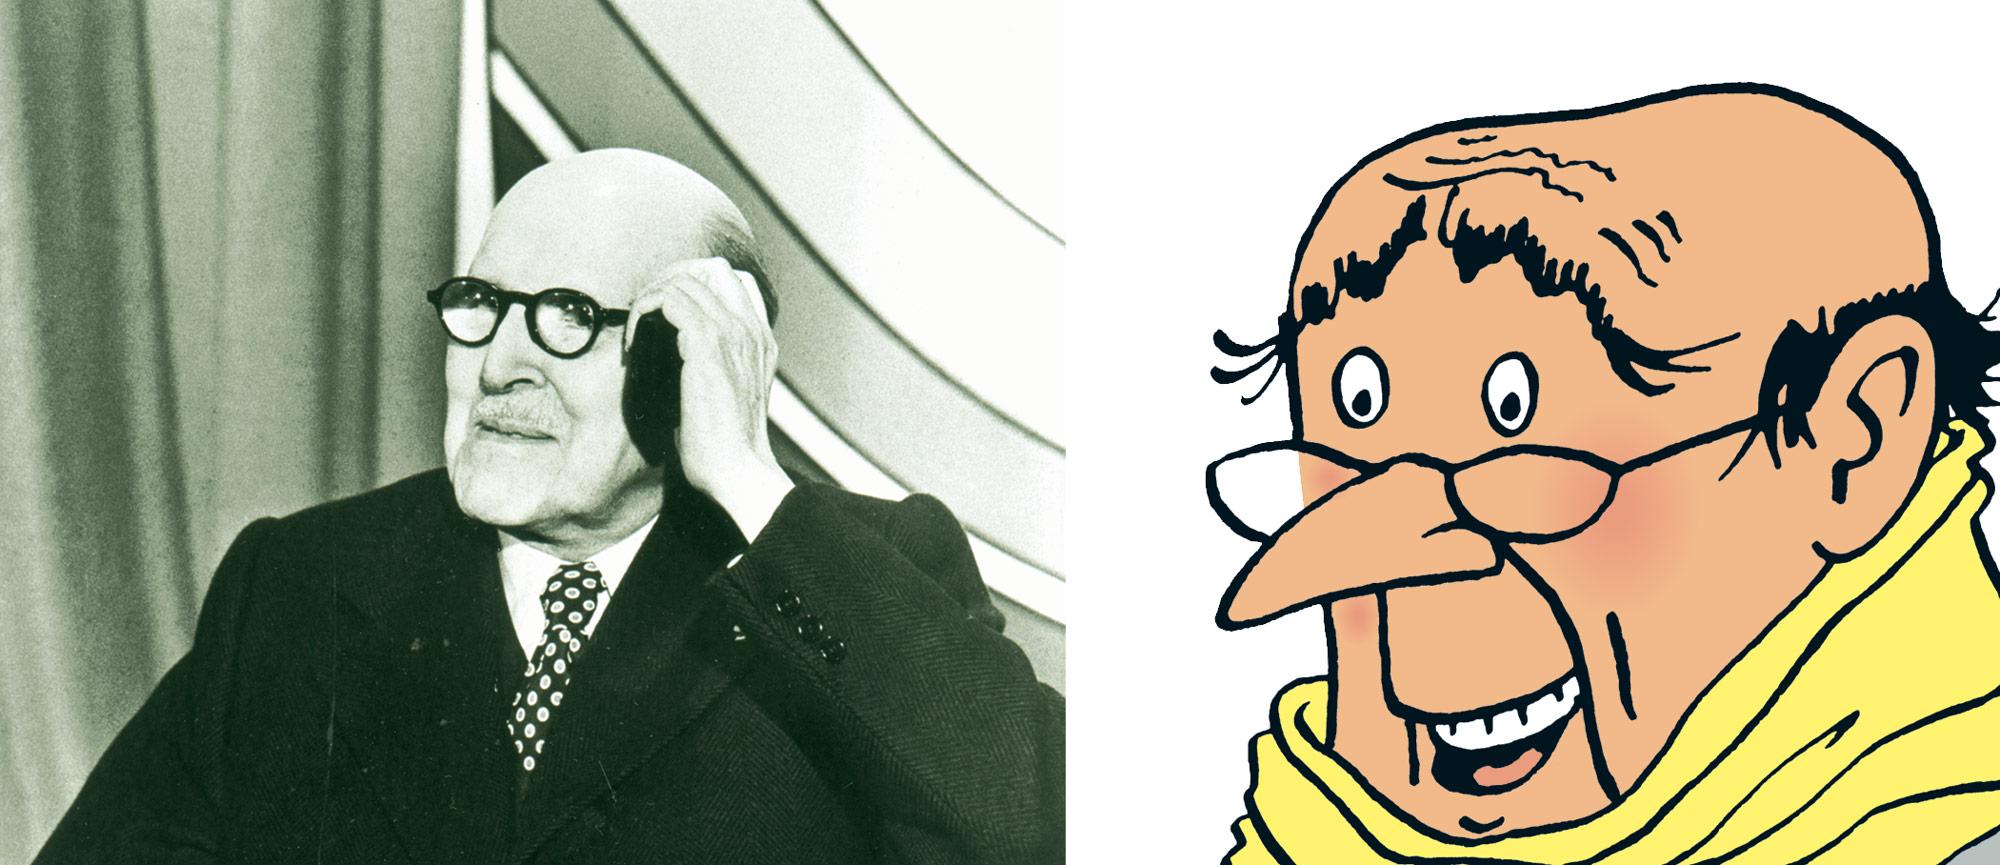 Tintin - Les Aventures de Tintin - Vol 714 pour Sydney - Marcel Dassault - personnage Laszlo